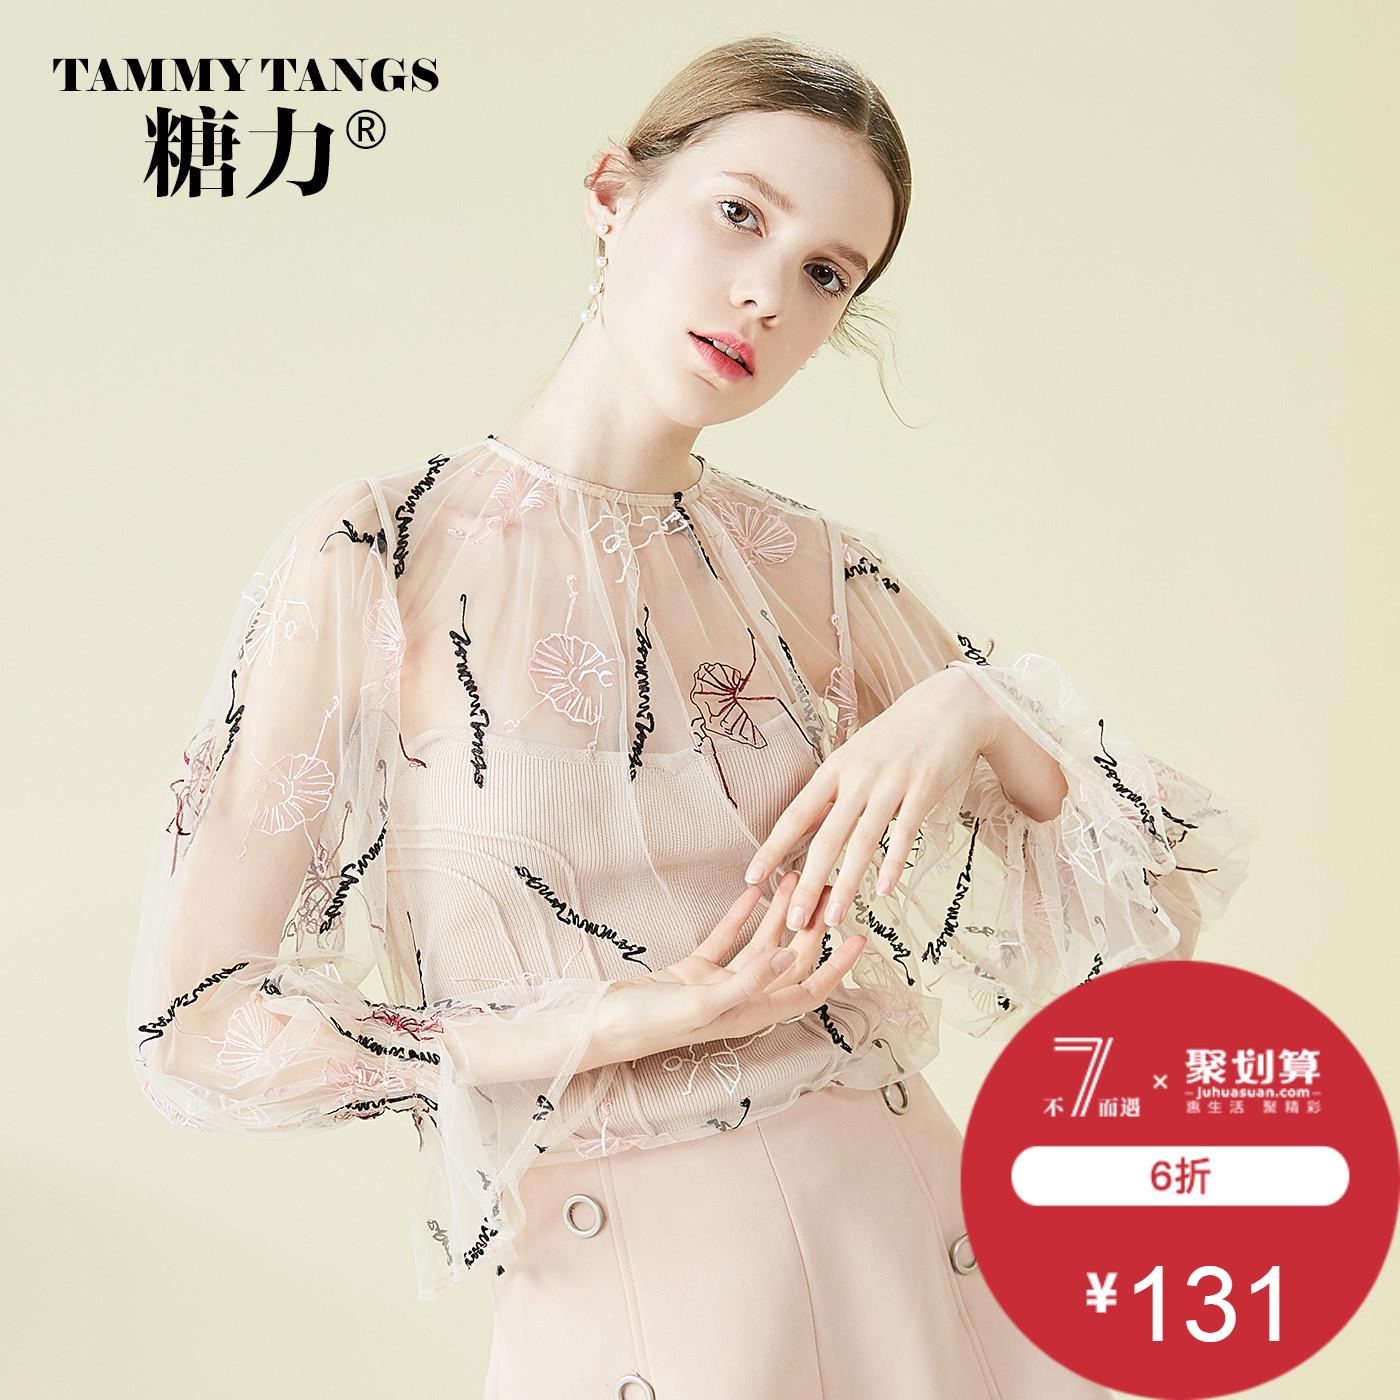 糖力2018春夏装新款欧美女装荷叶袖芭蕾舞者刺绣透视网纱上衣罩衫